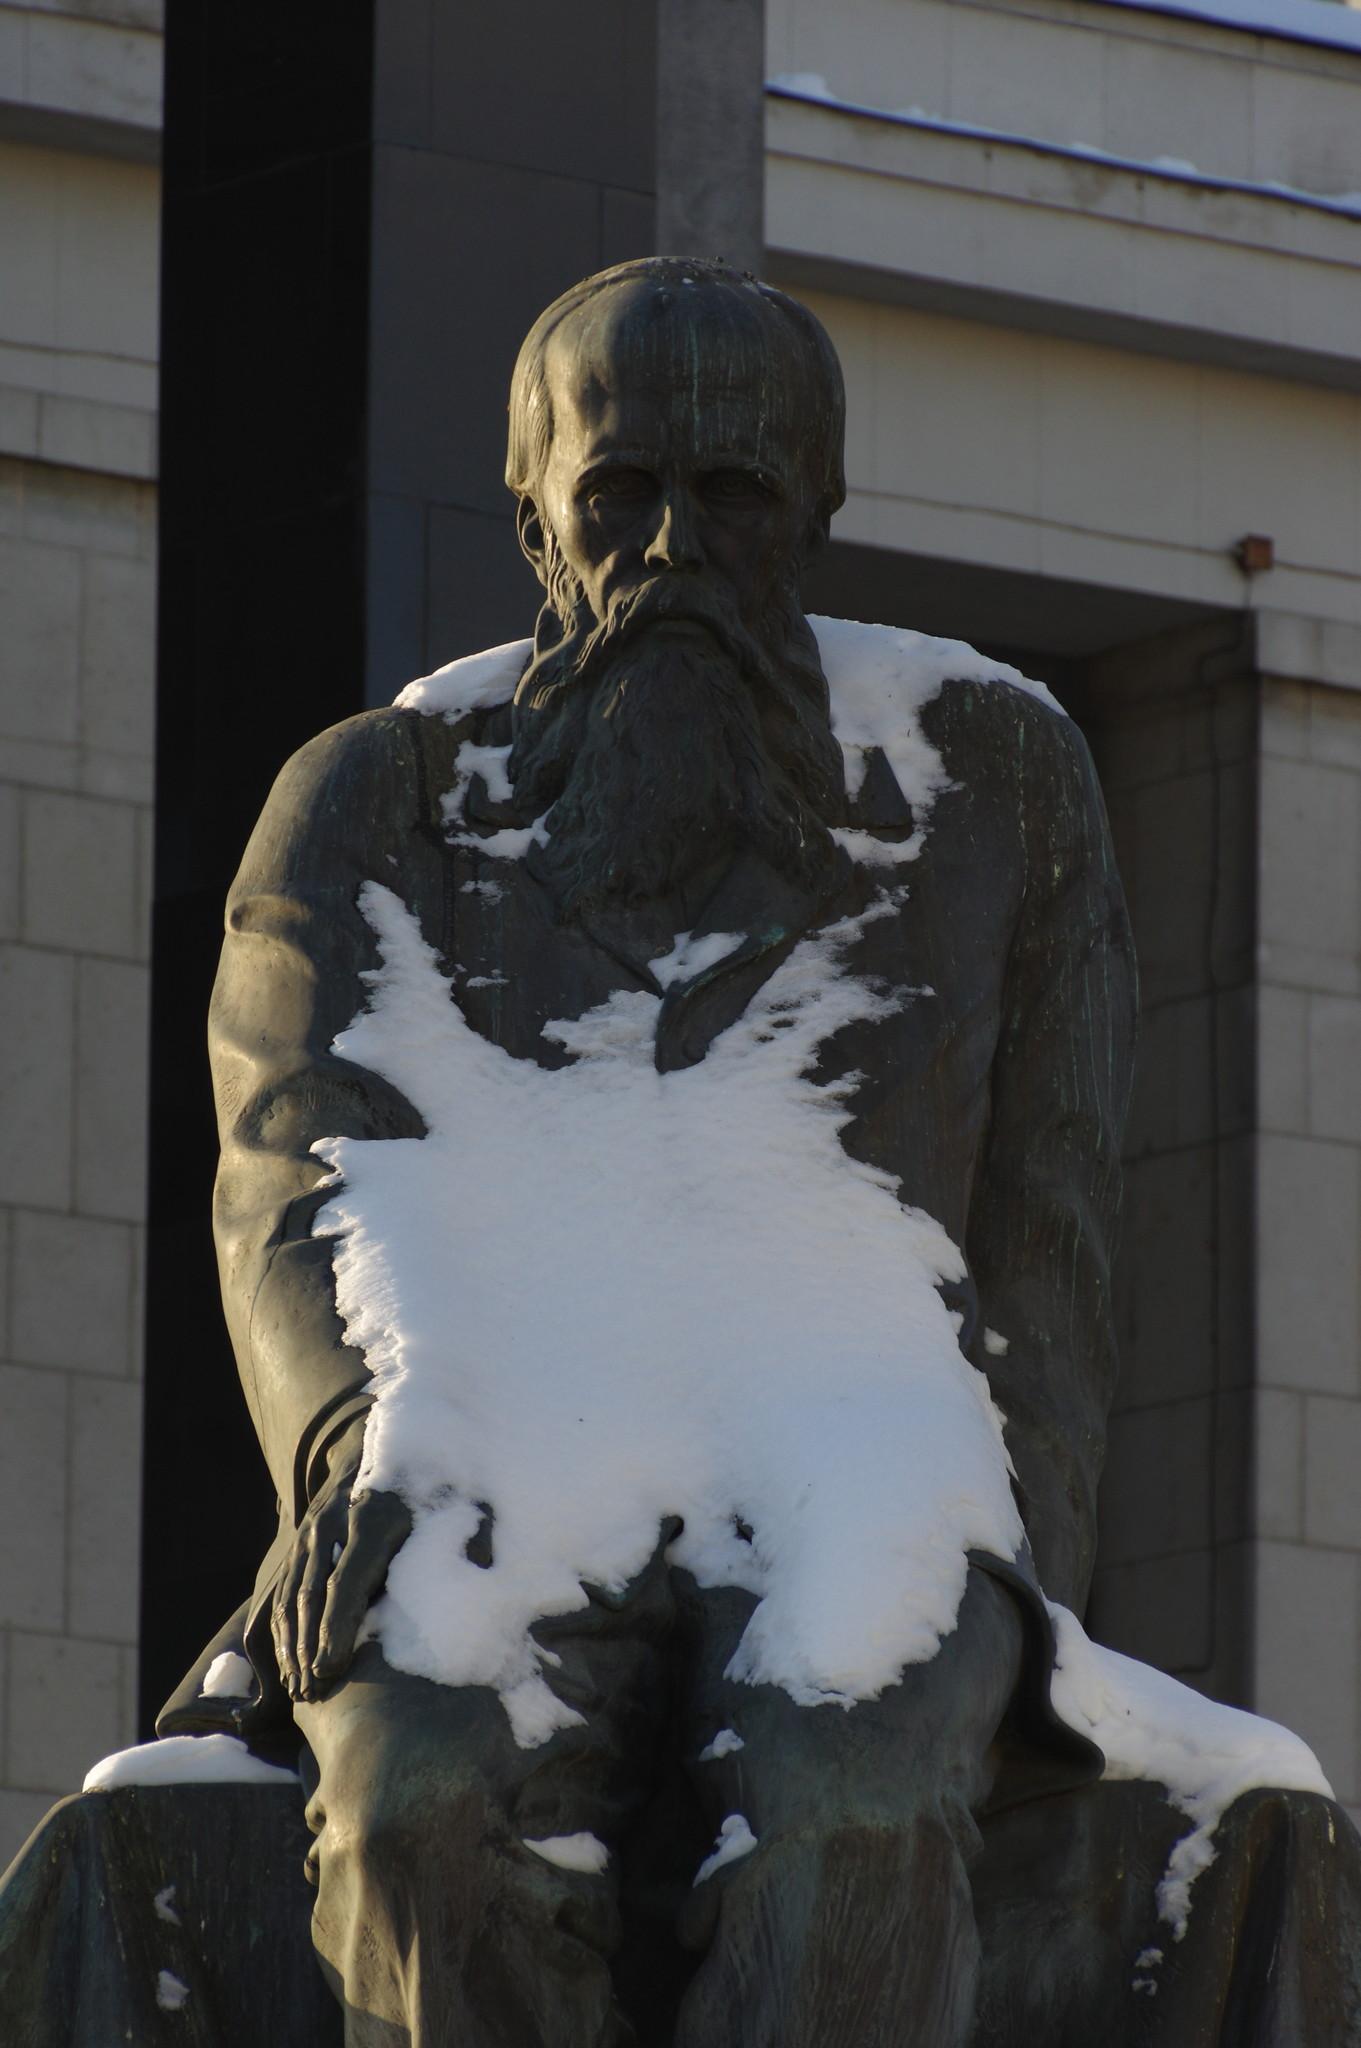 Памятник Фёдору Михайловичу Достоевскому у здания Российской Государственной Библиотеки